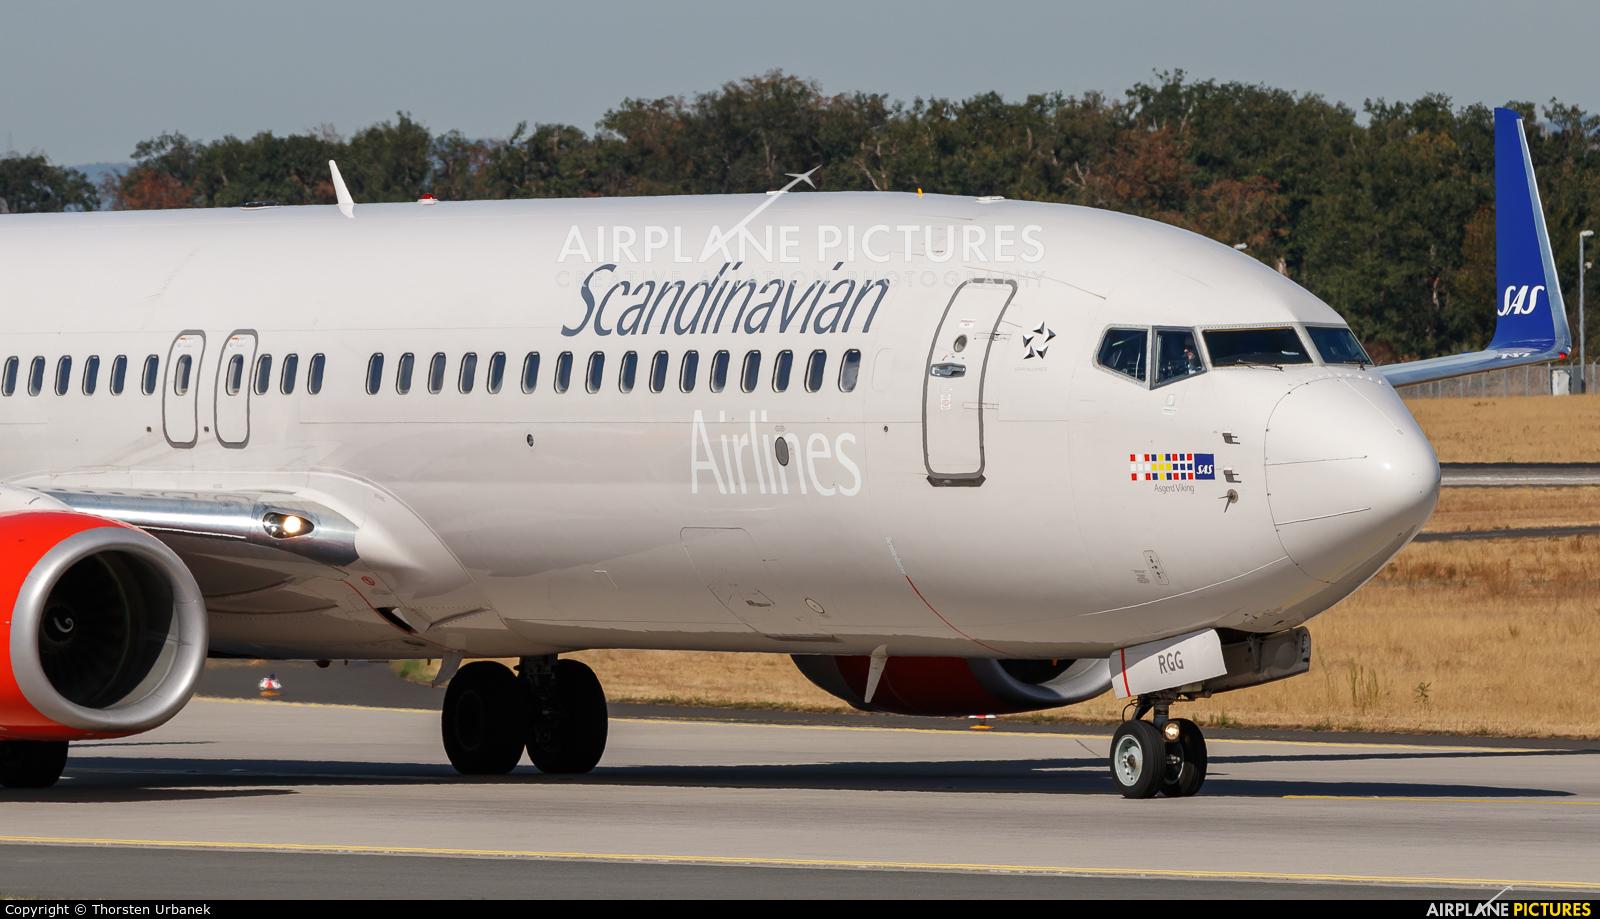 SAS - Scandinavian Airlines LN-RGG aircraft at Frankfurt